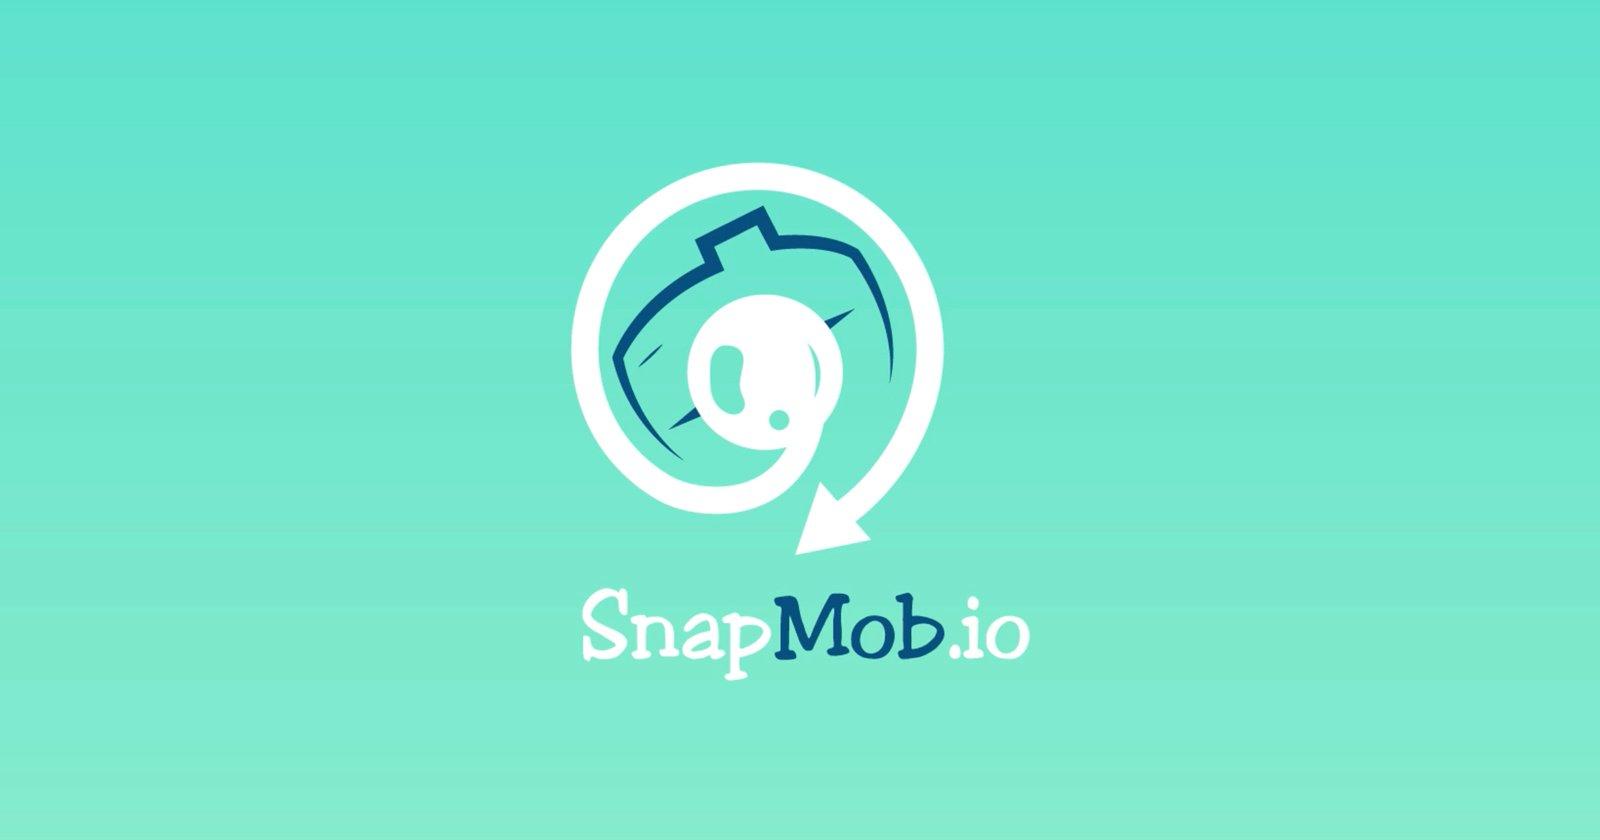 Per uccidere il Selfie Stick, SnapMob collega i fotogrammi ai clienti in tempo reale